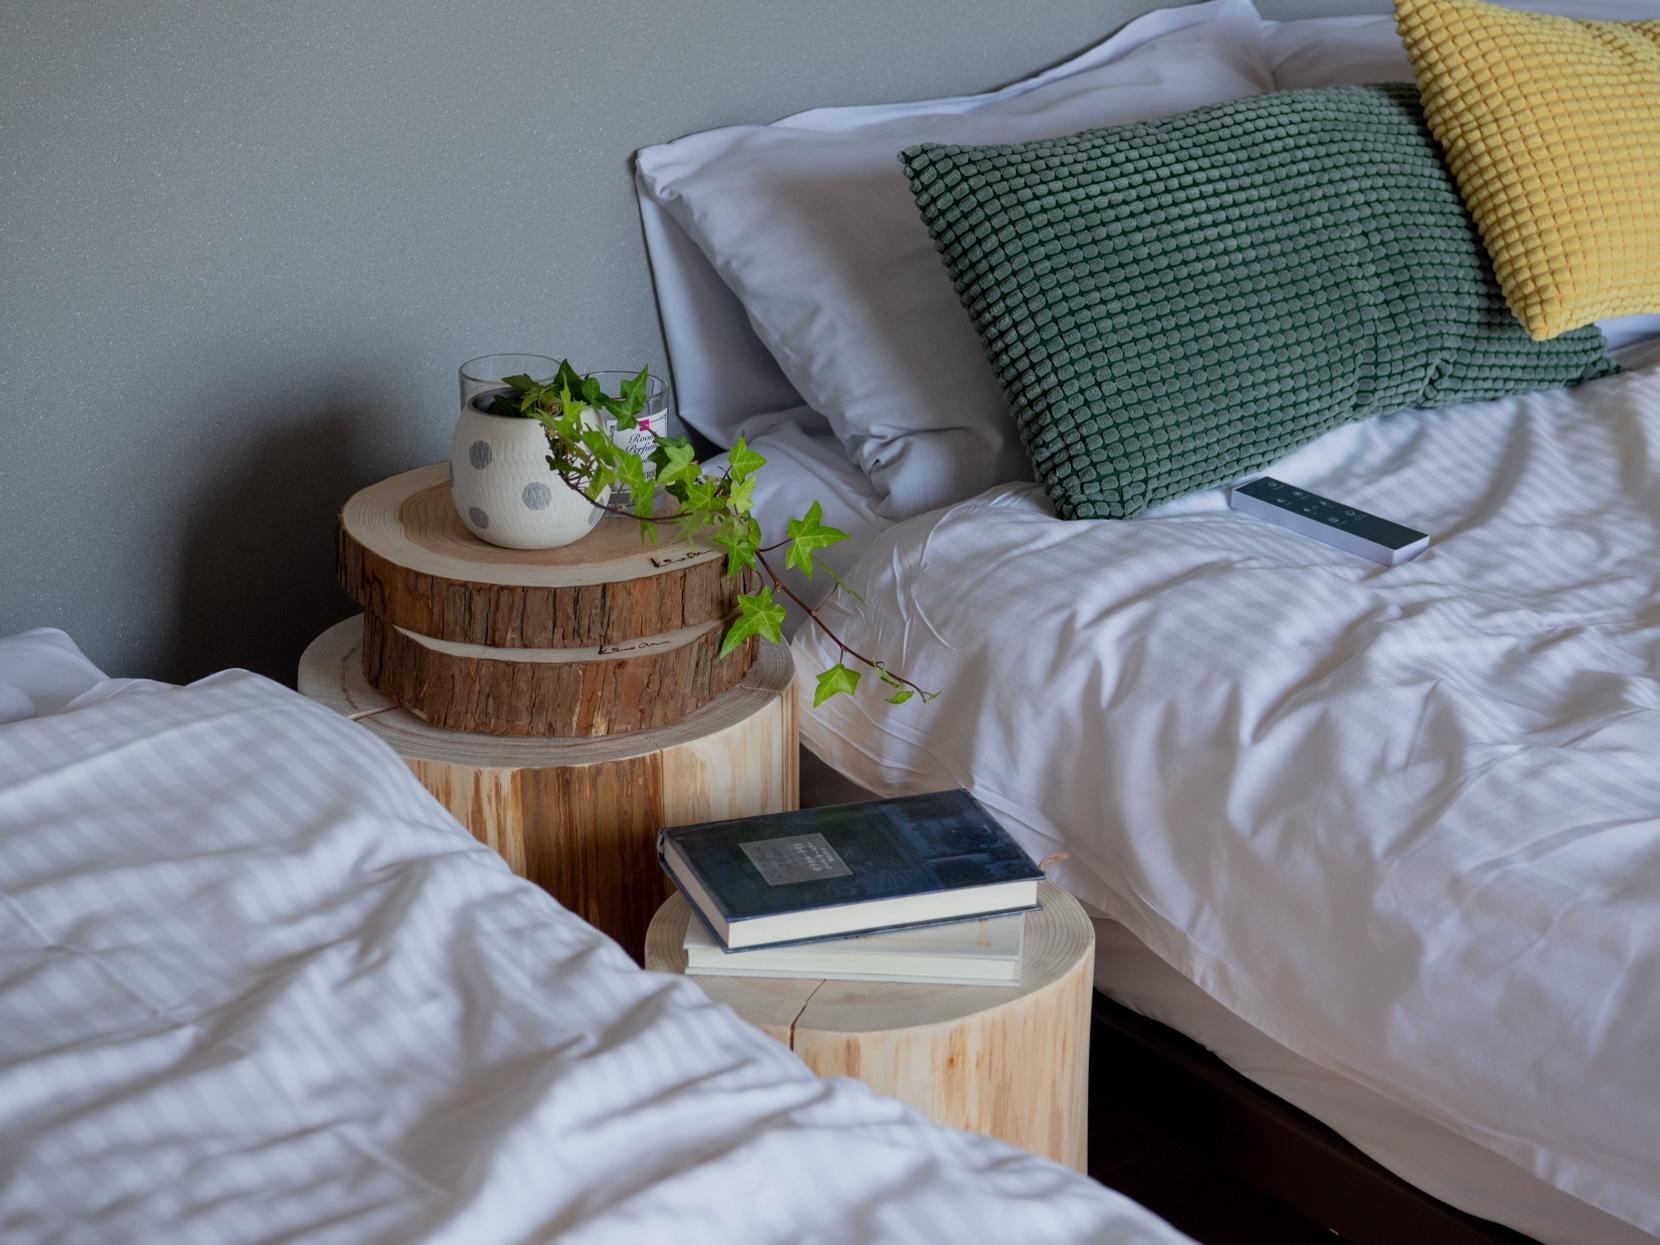 ベッドサイドのインテリア雑貨